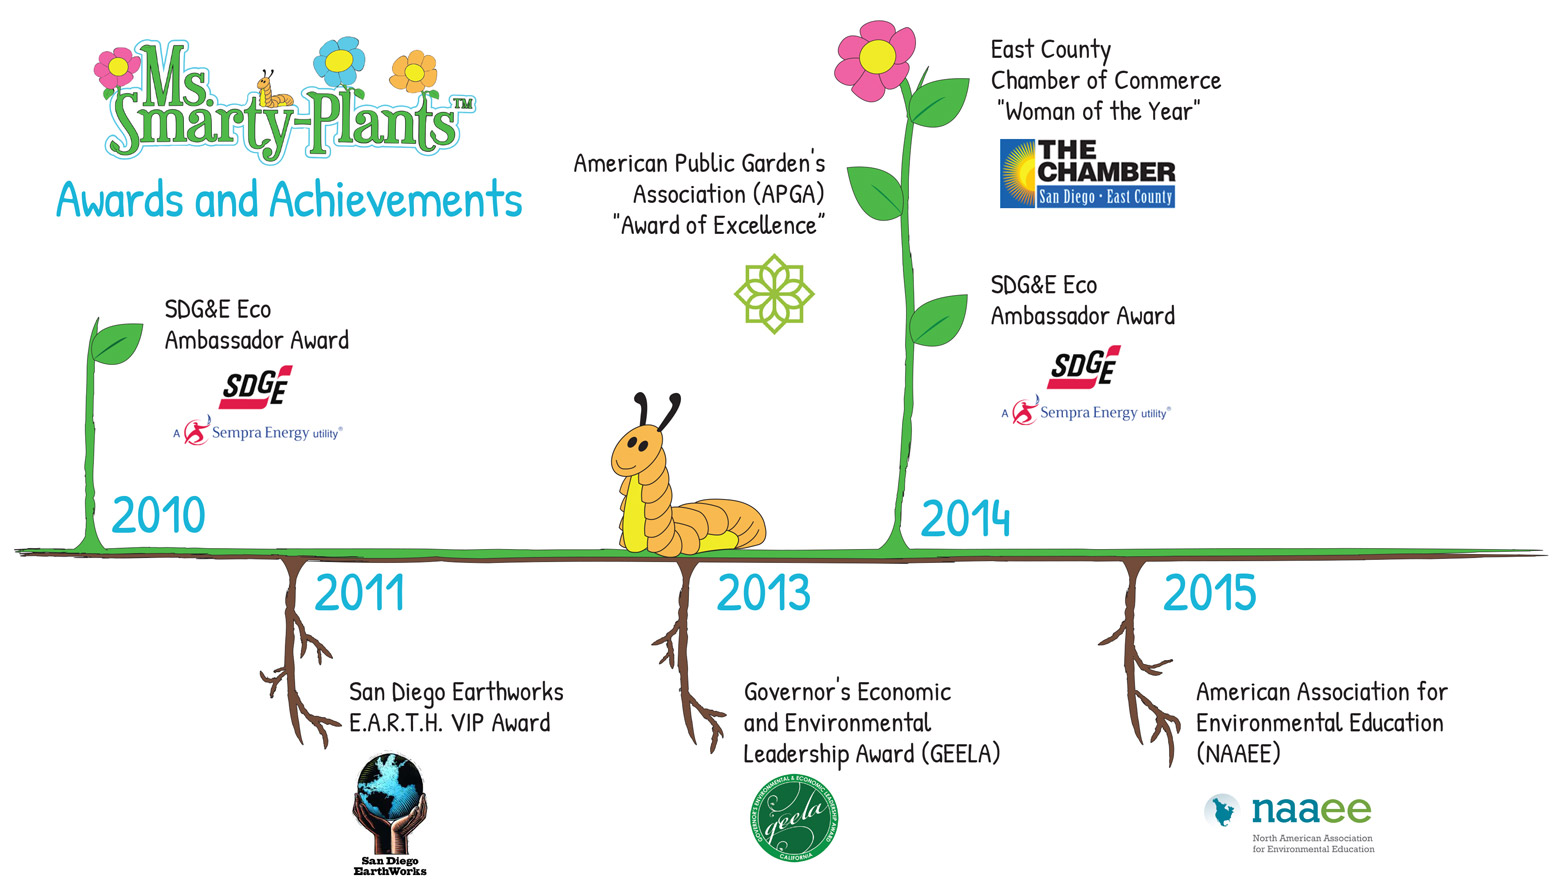 awards-timeline-1560-2